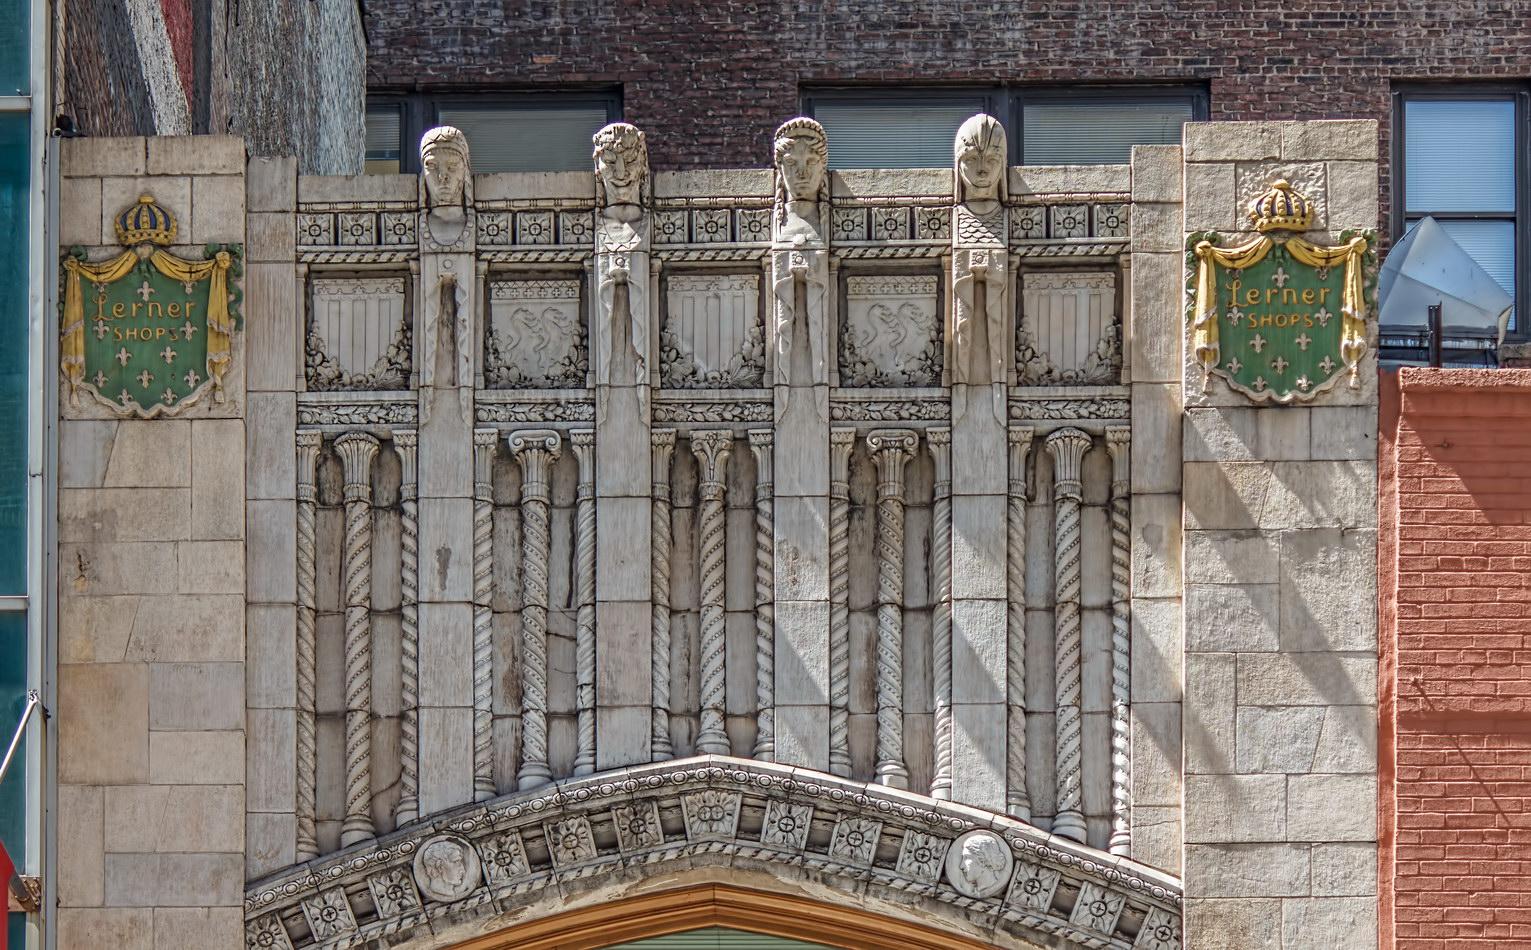 Lerner Building